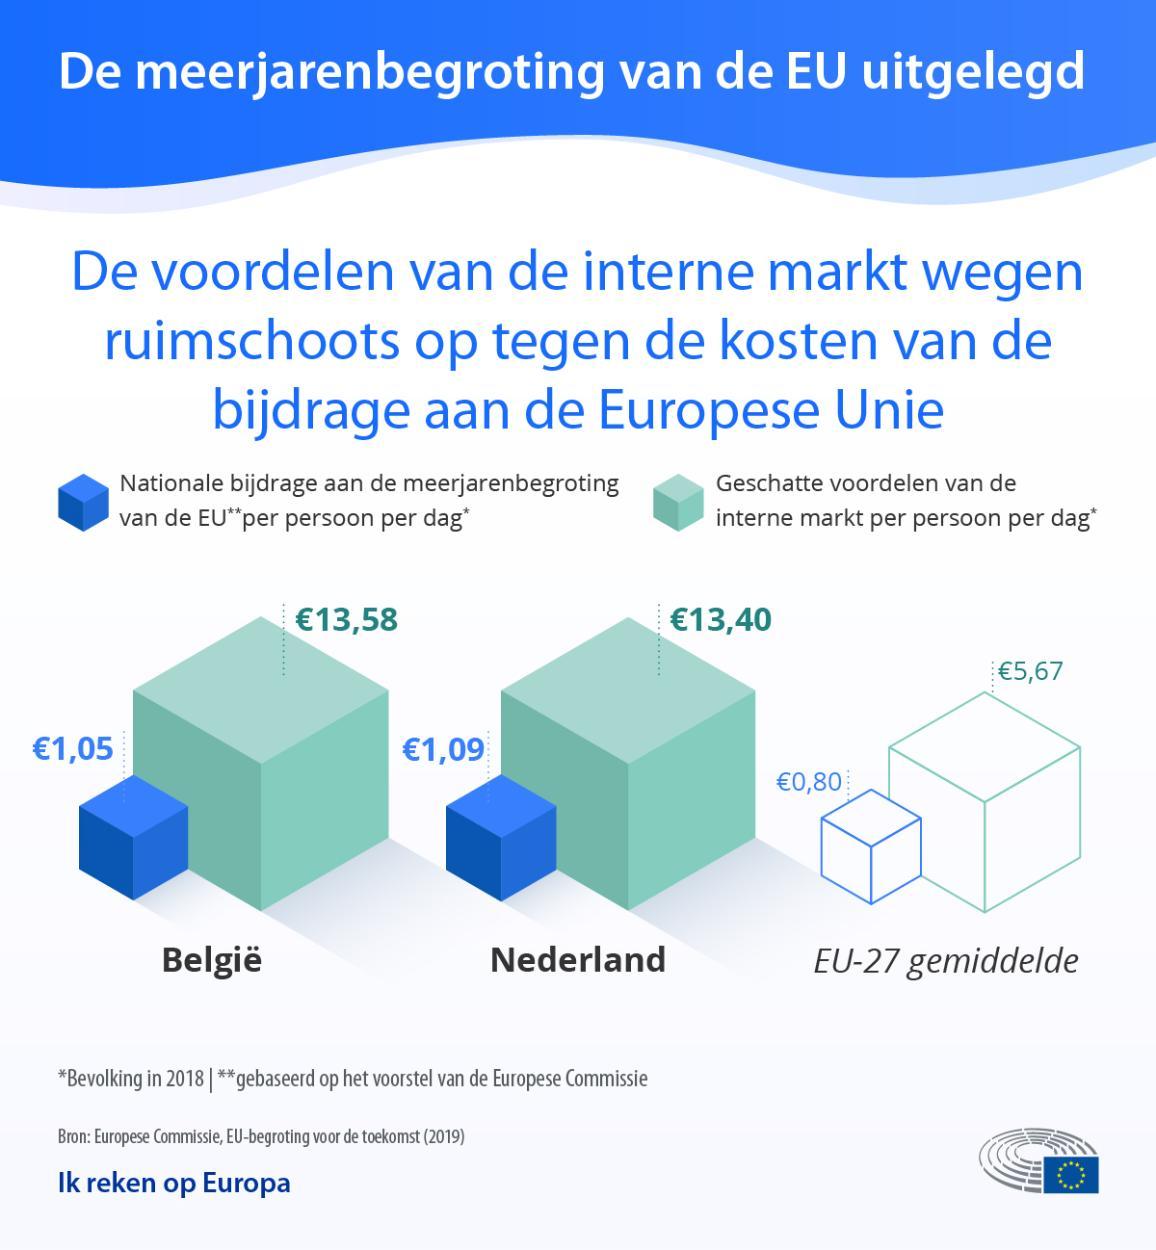 Inforgrafiek met de voordelen van de interne markt